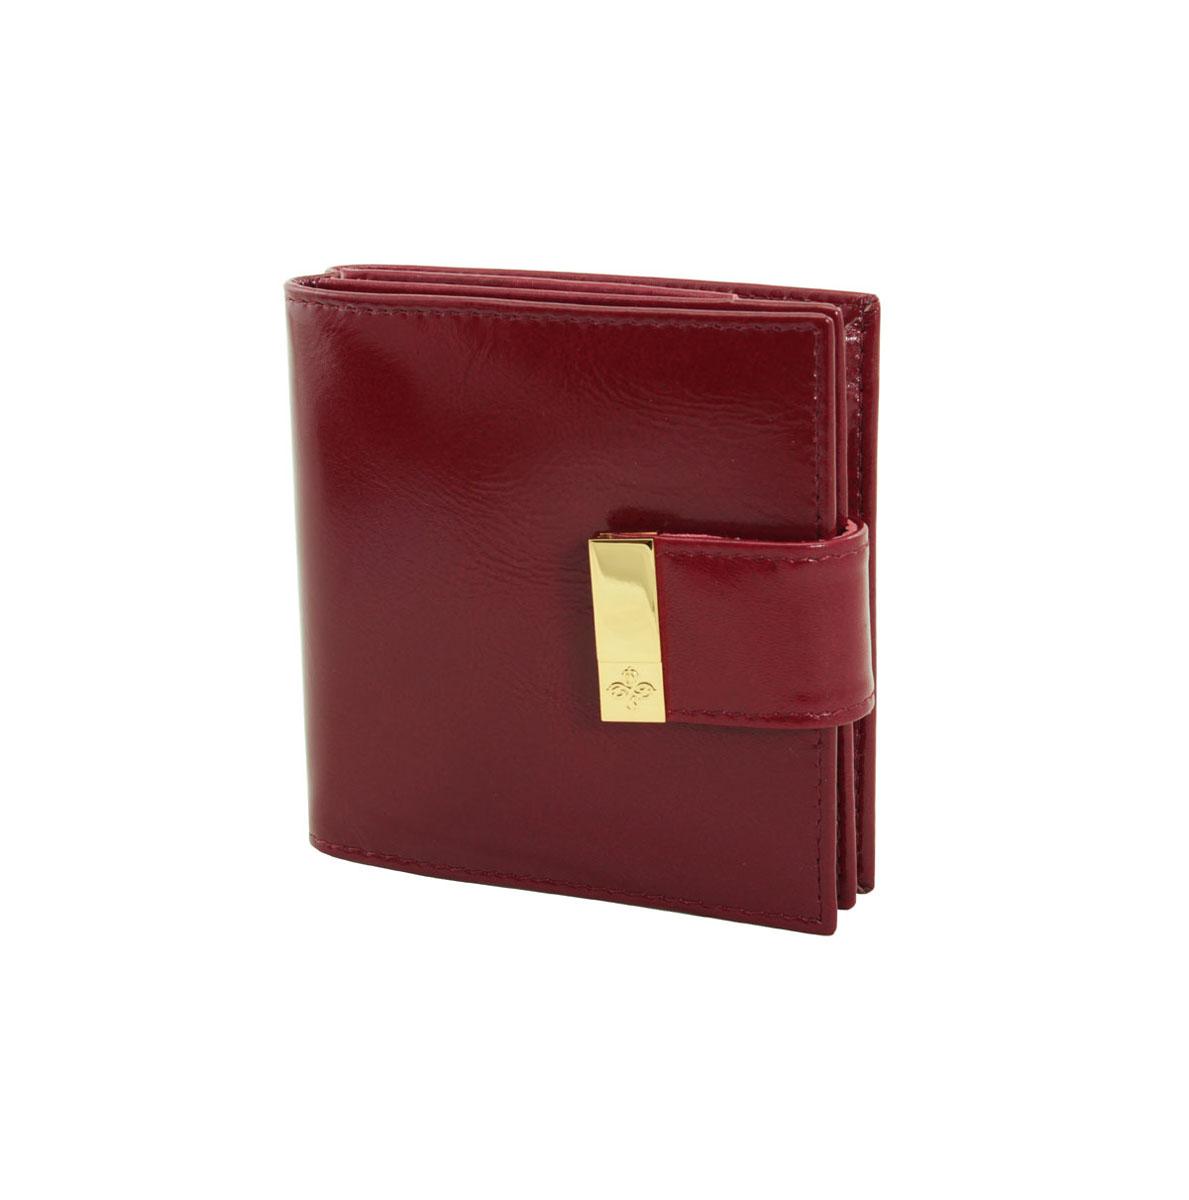 Кошелек женский Dimanche Elite Гранат, цвет: бордовый. 153153Женский кошелек Dimanche Elite Гранат выполнен из натуральной кожи бордового цвета и состоит из двух отделений. В первом, закрывающемся на кнопку, имеется четыре кармашка для кредитных карт или визиток и кармашек для монет с клапаном на кнопке. Второе отделение закрывается также на кнопку хлястиком и содержит два кармана для купюр. Между отделения также имеется кармашек. Такой кошелек станет отличным подарком для человека, ценящего качественные и стильные вещи. Кошелек упакован в фирменную подарочную коробку.